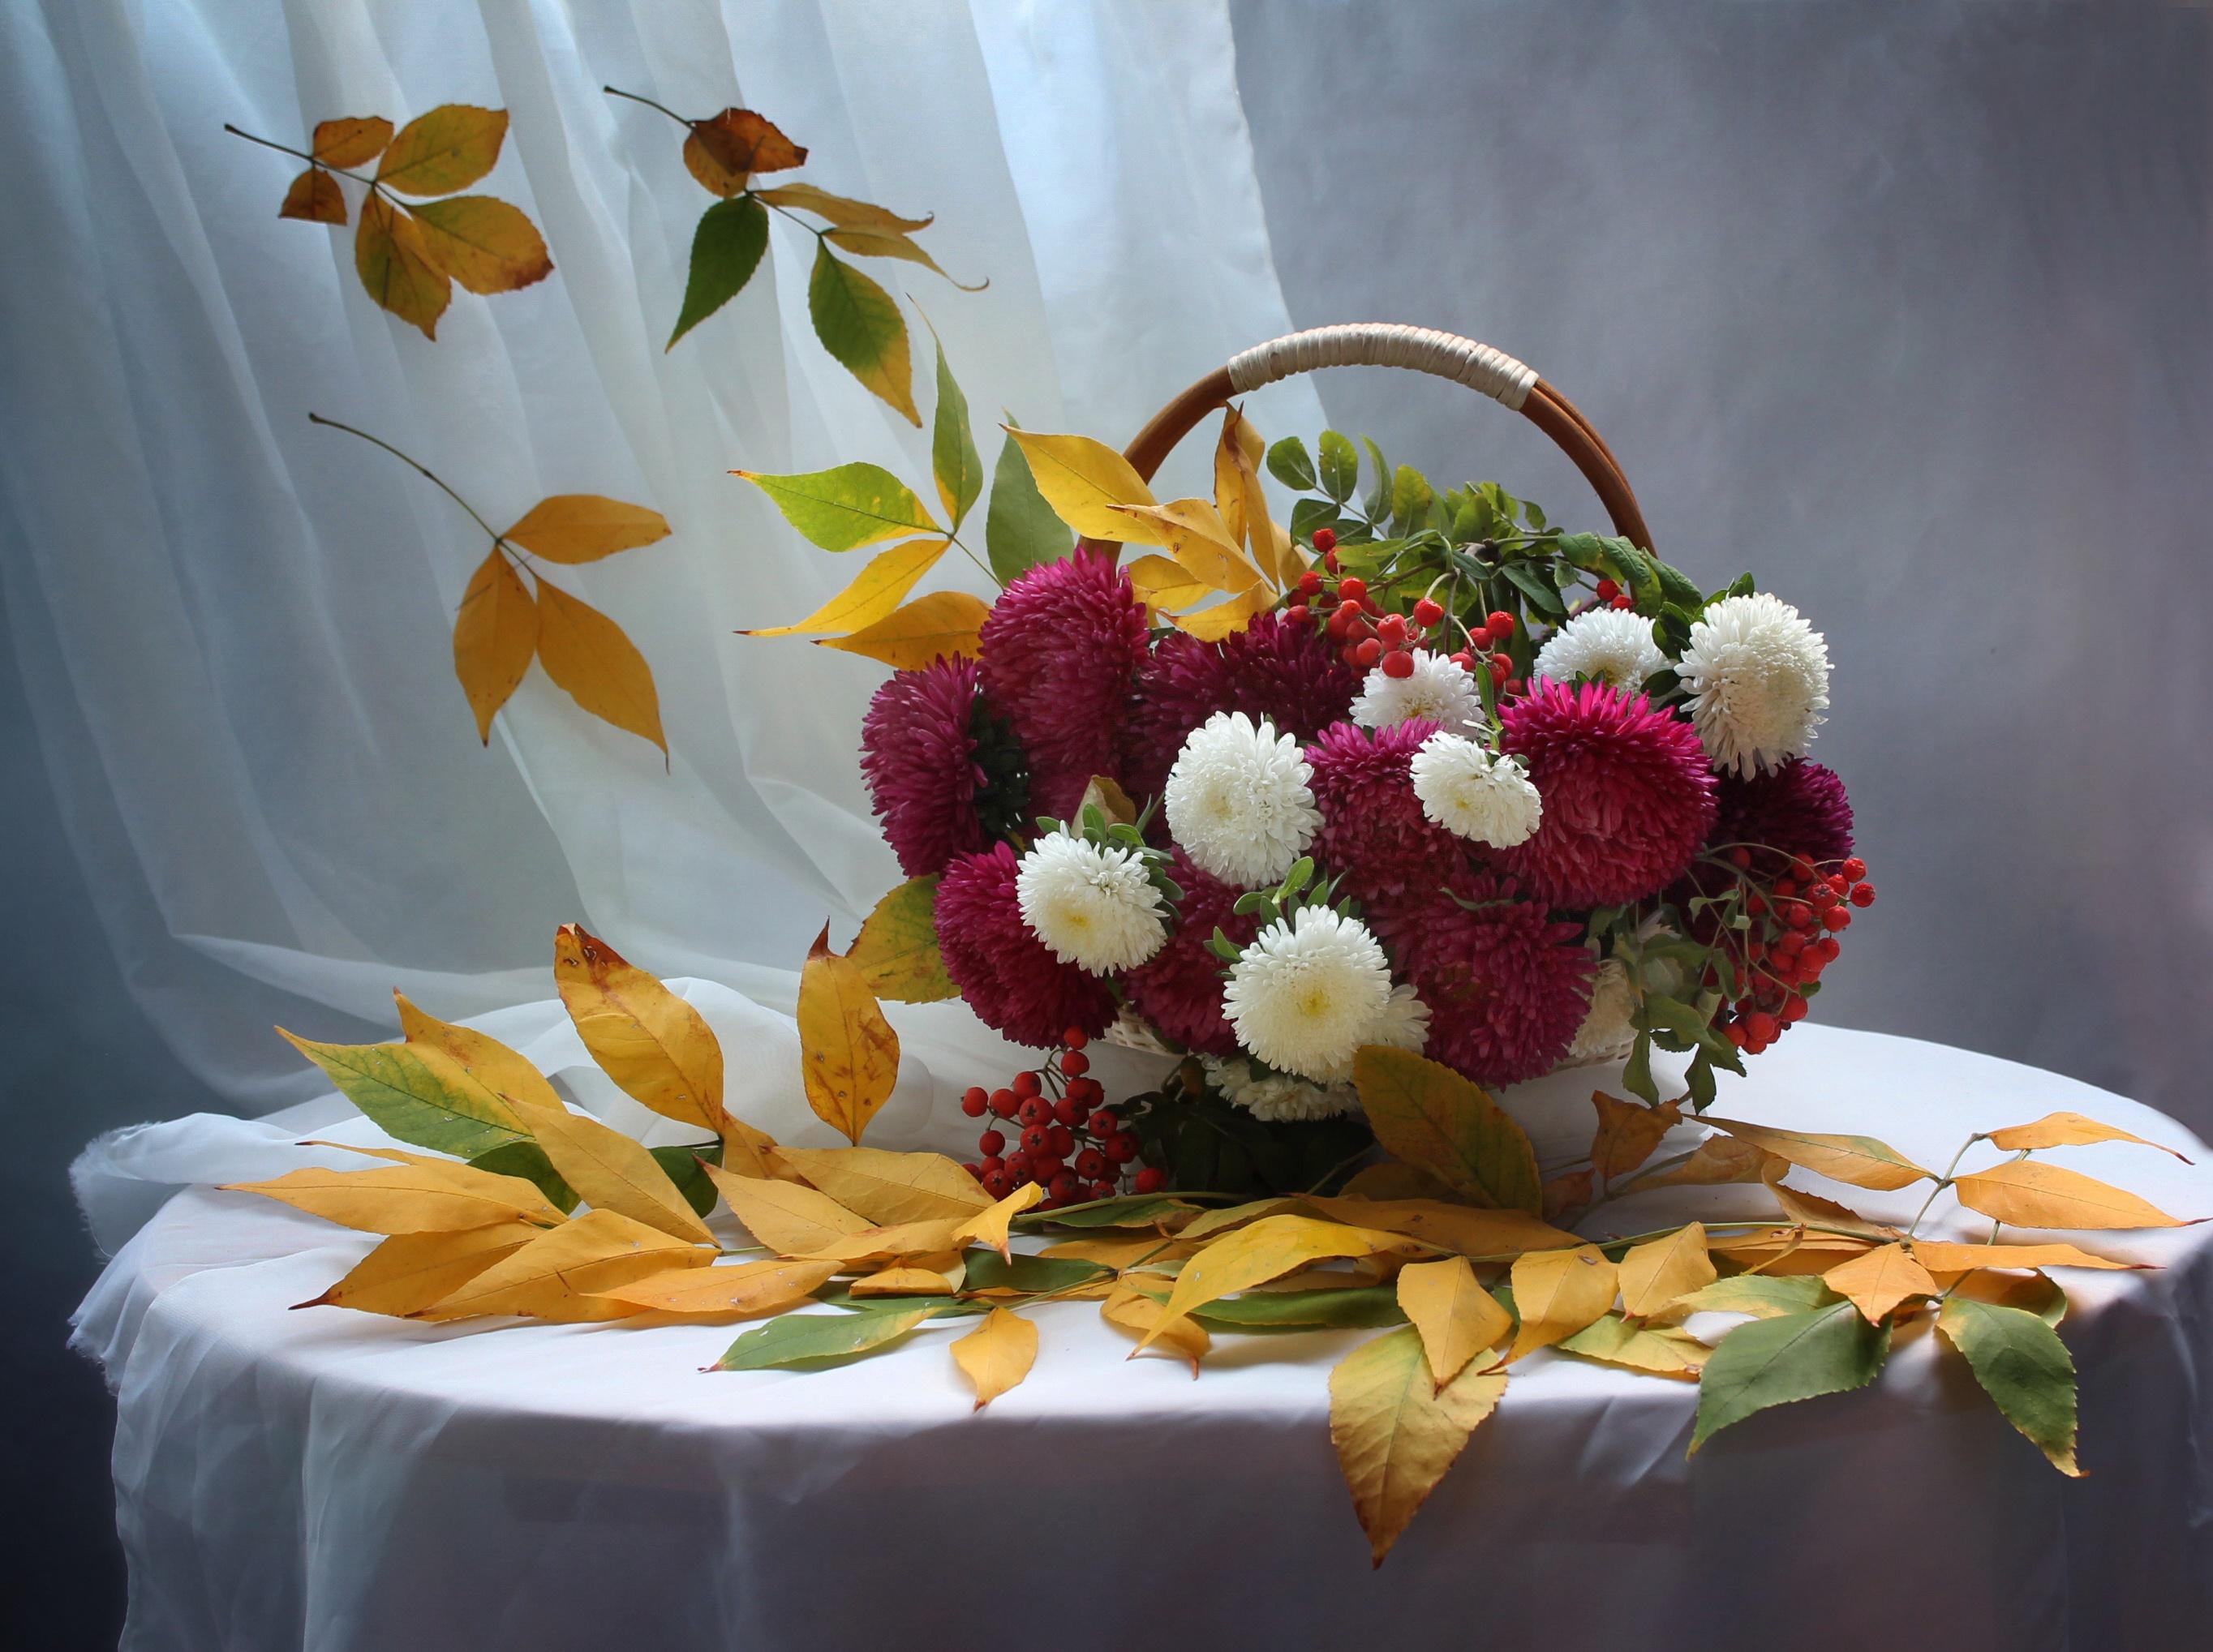 Красивые картинки с осенними цветами для вдохновения и хорошего настроения, добрым субботним